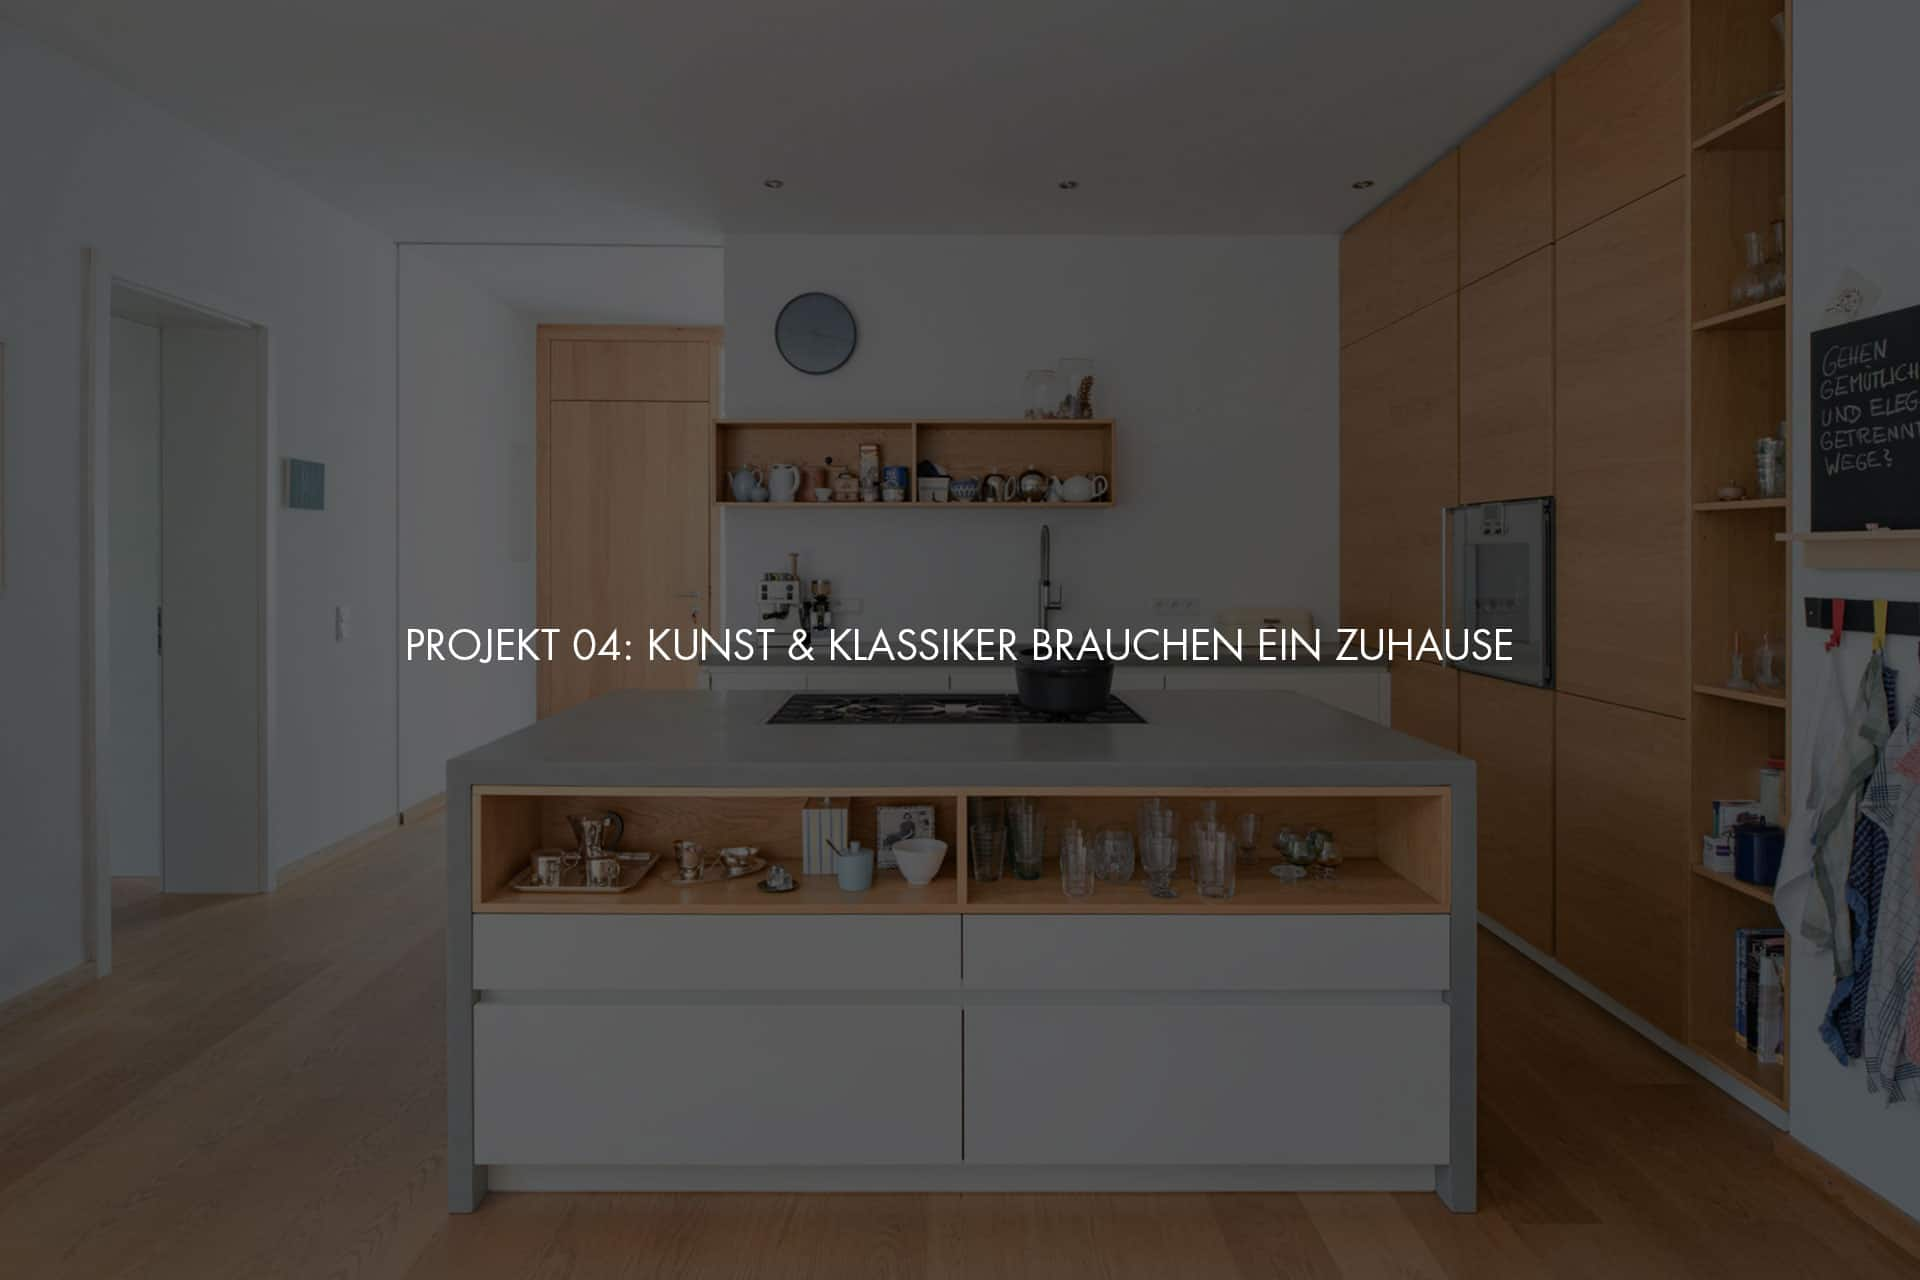 """Küchendesign von VOIT aus Beton in Kombination mit Eiche Natur Fronten und Regalen + Schriftzug im Bild """"Projekt 04: Kunst & Klassiker brauchen ein Zuhause"""""""